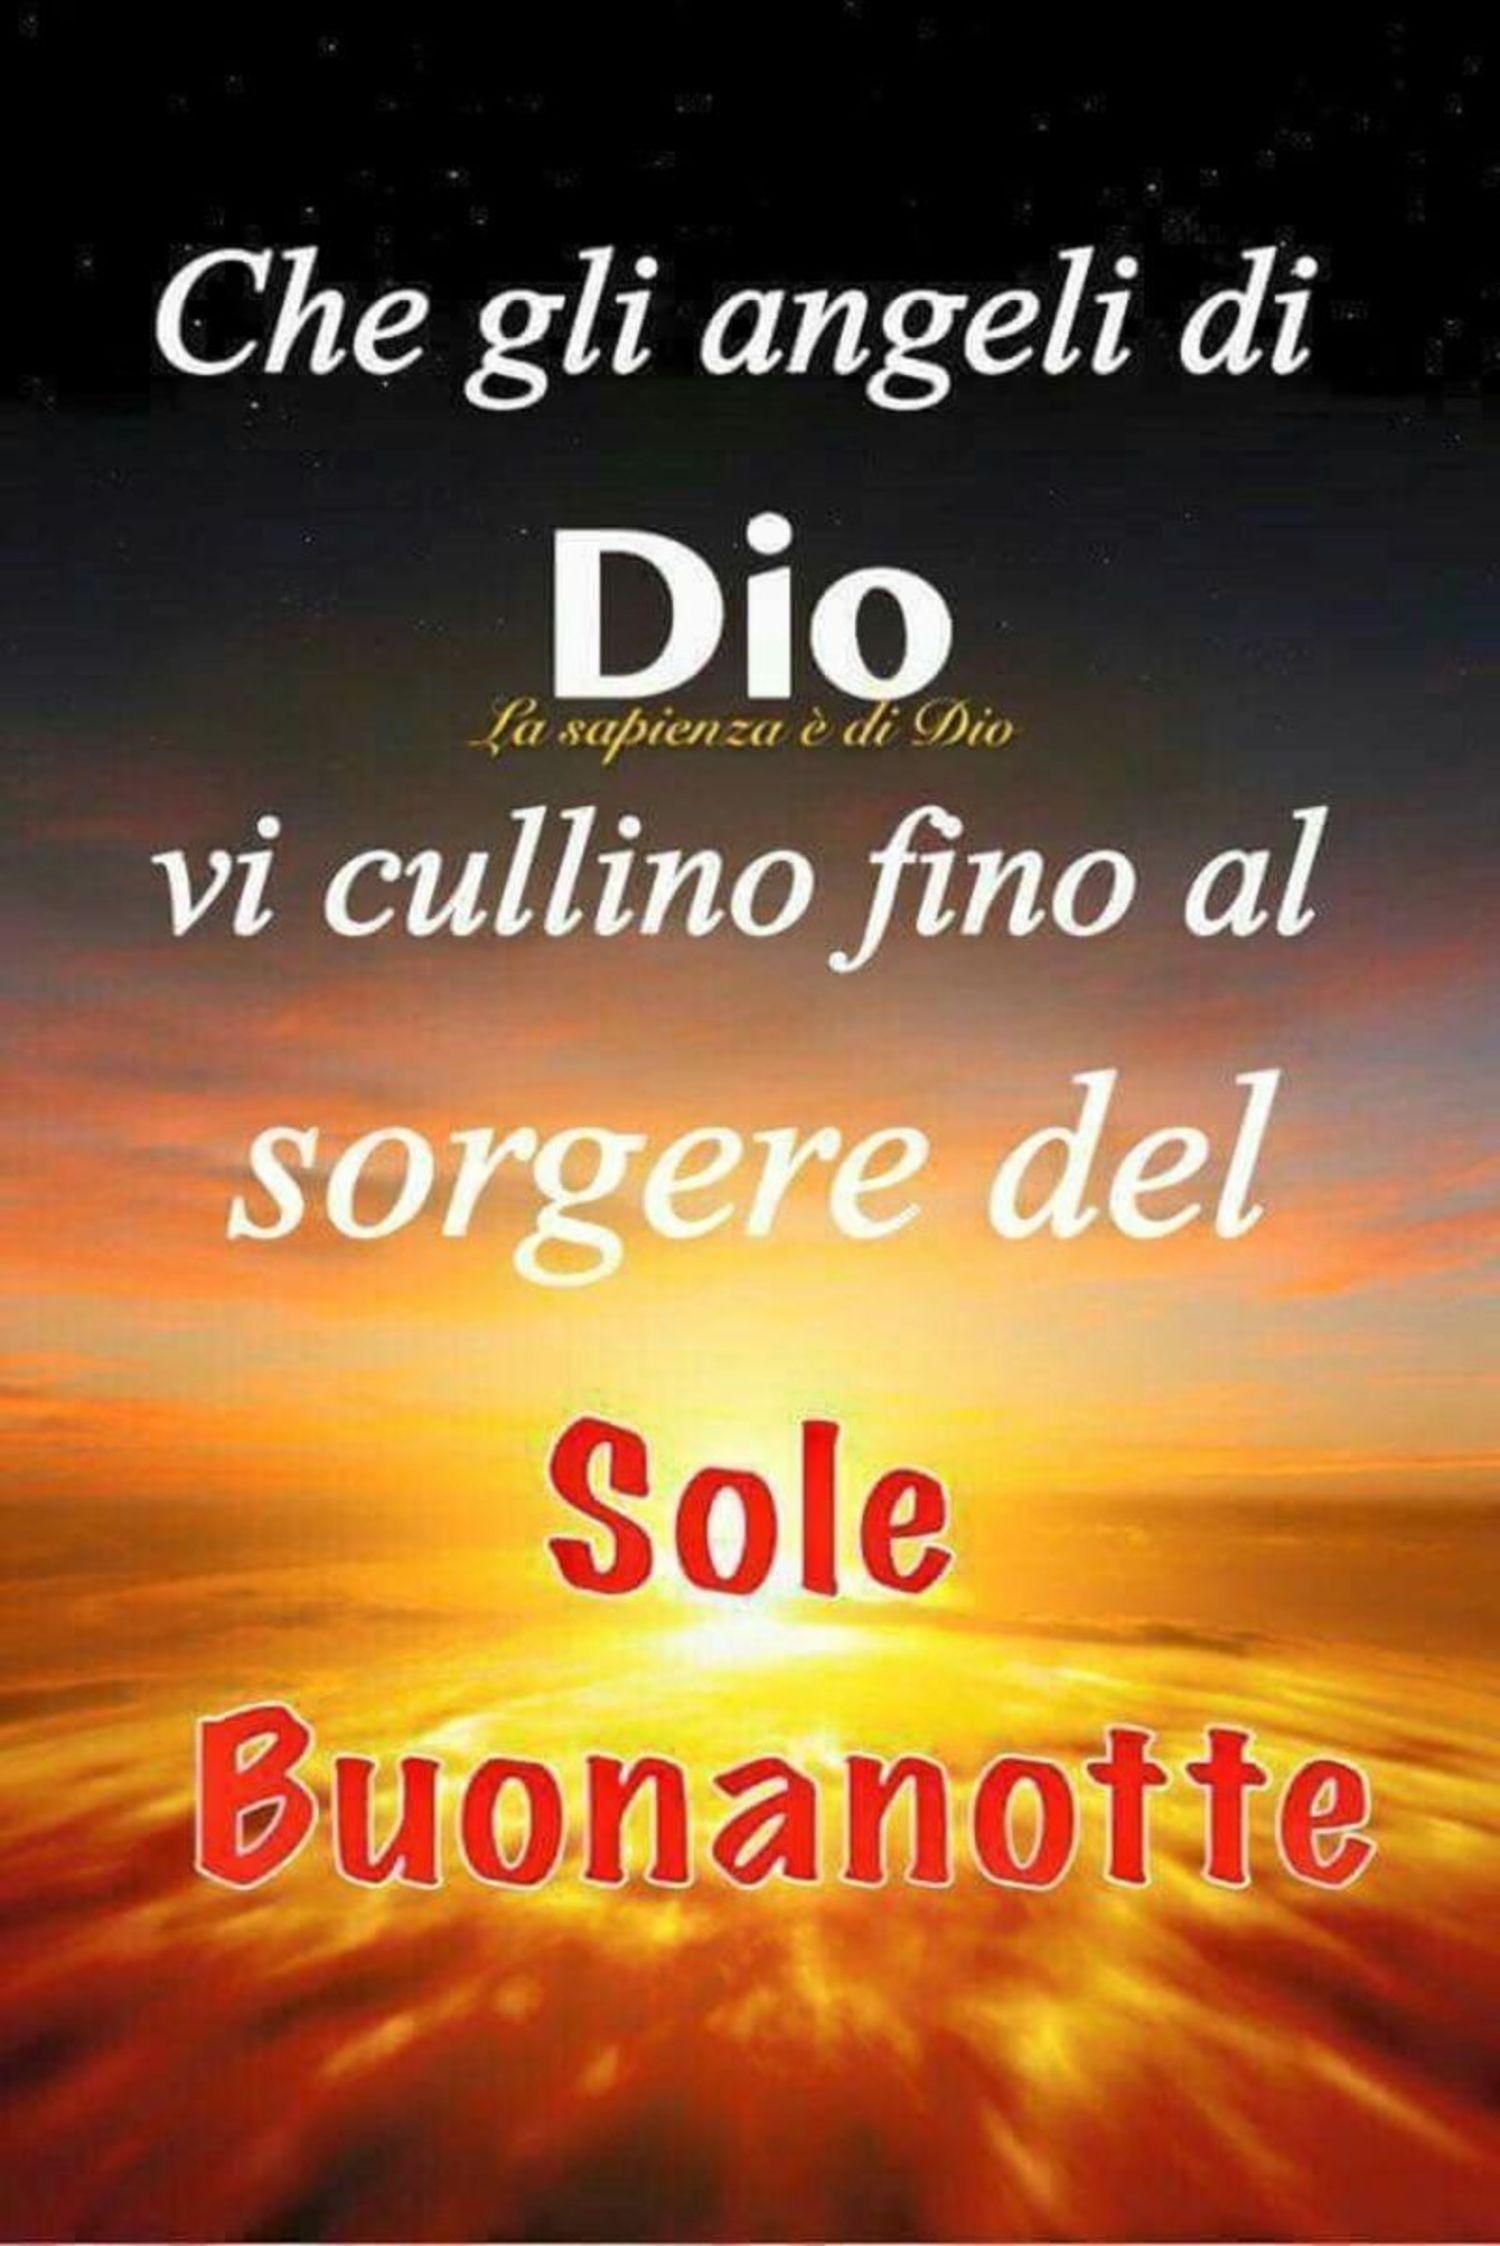 Buonanotte Con Icone Sacre Buongiornocongesu It